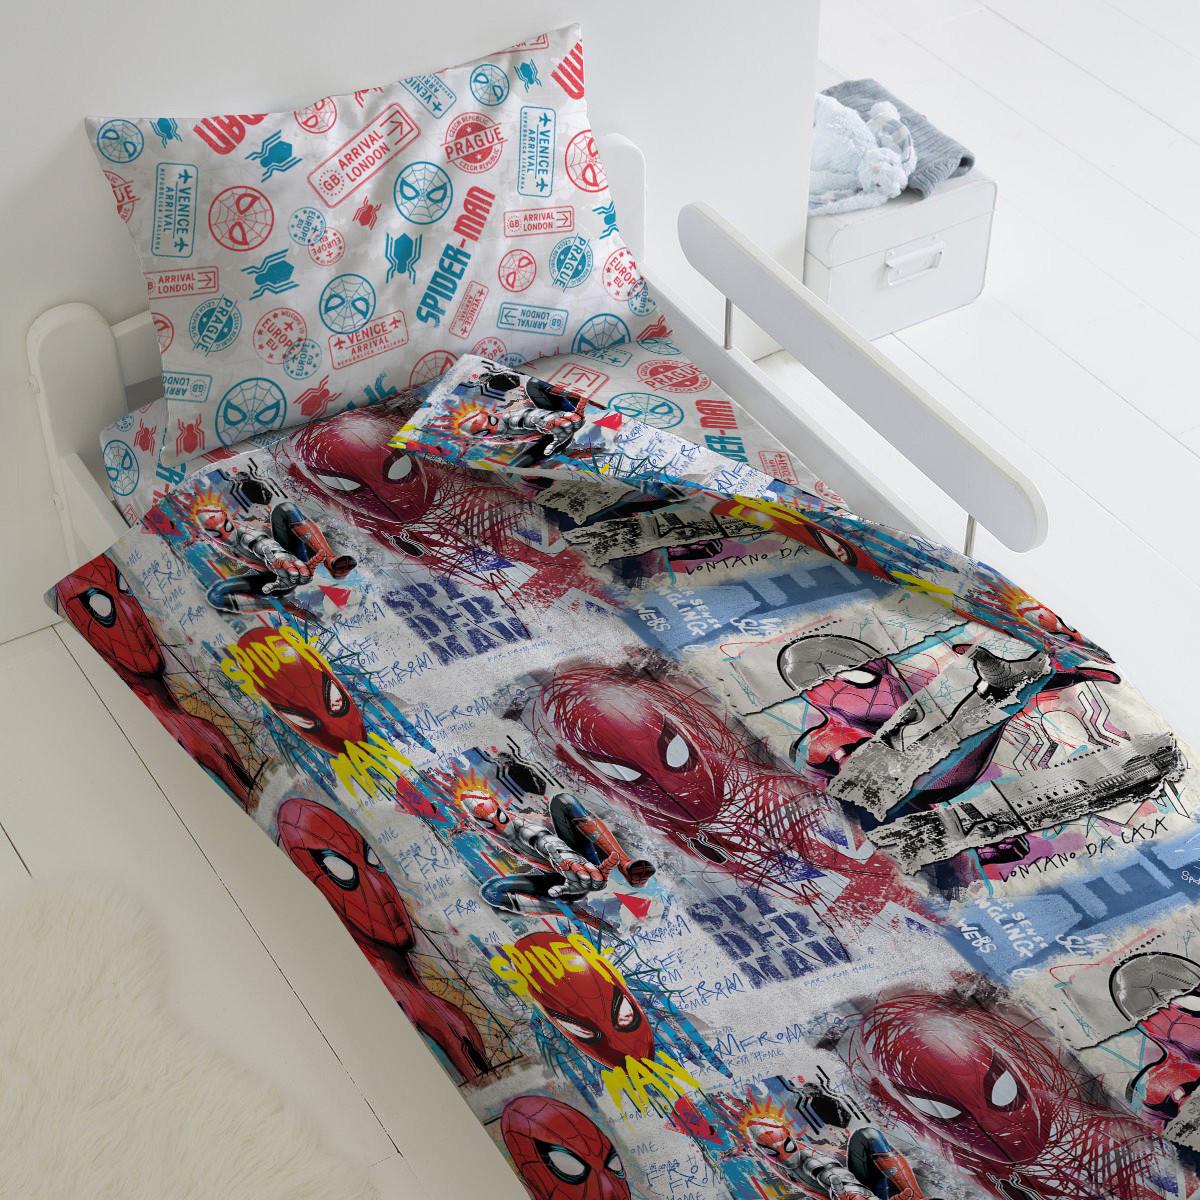 HOMY Комплект постельного белья  Арт, Человек паук  HOMY  1.5 спальный